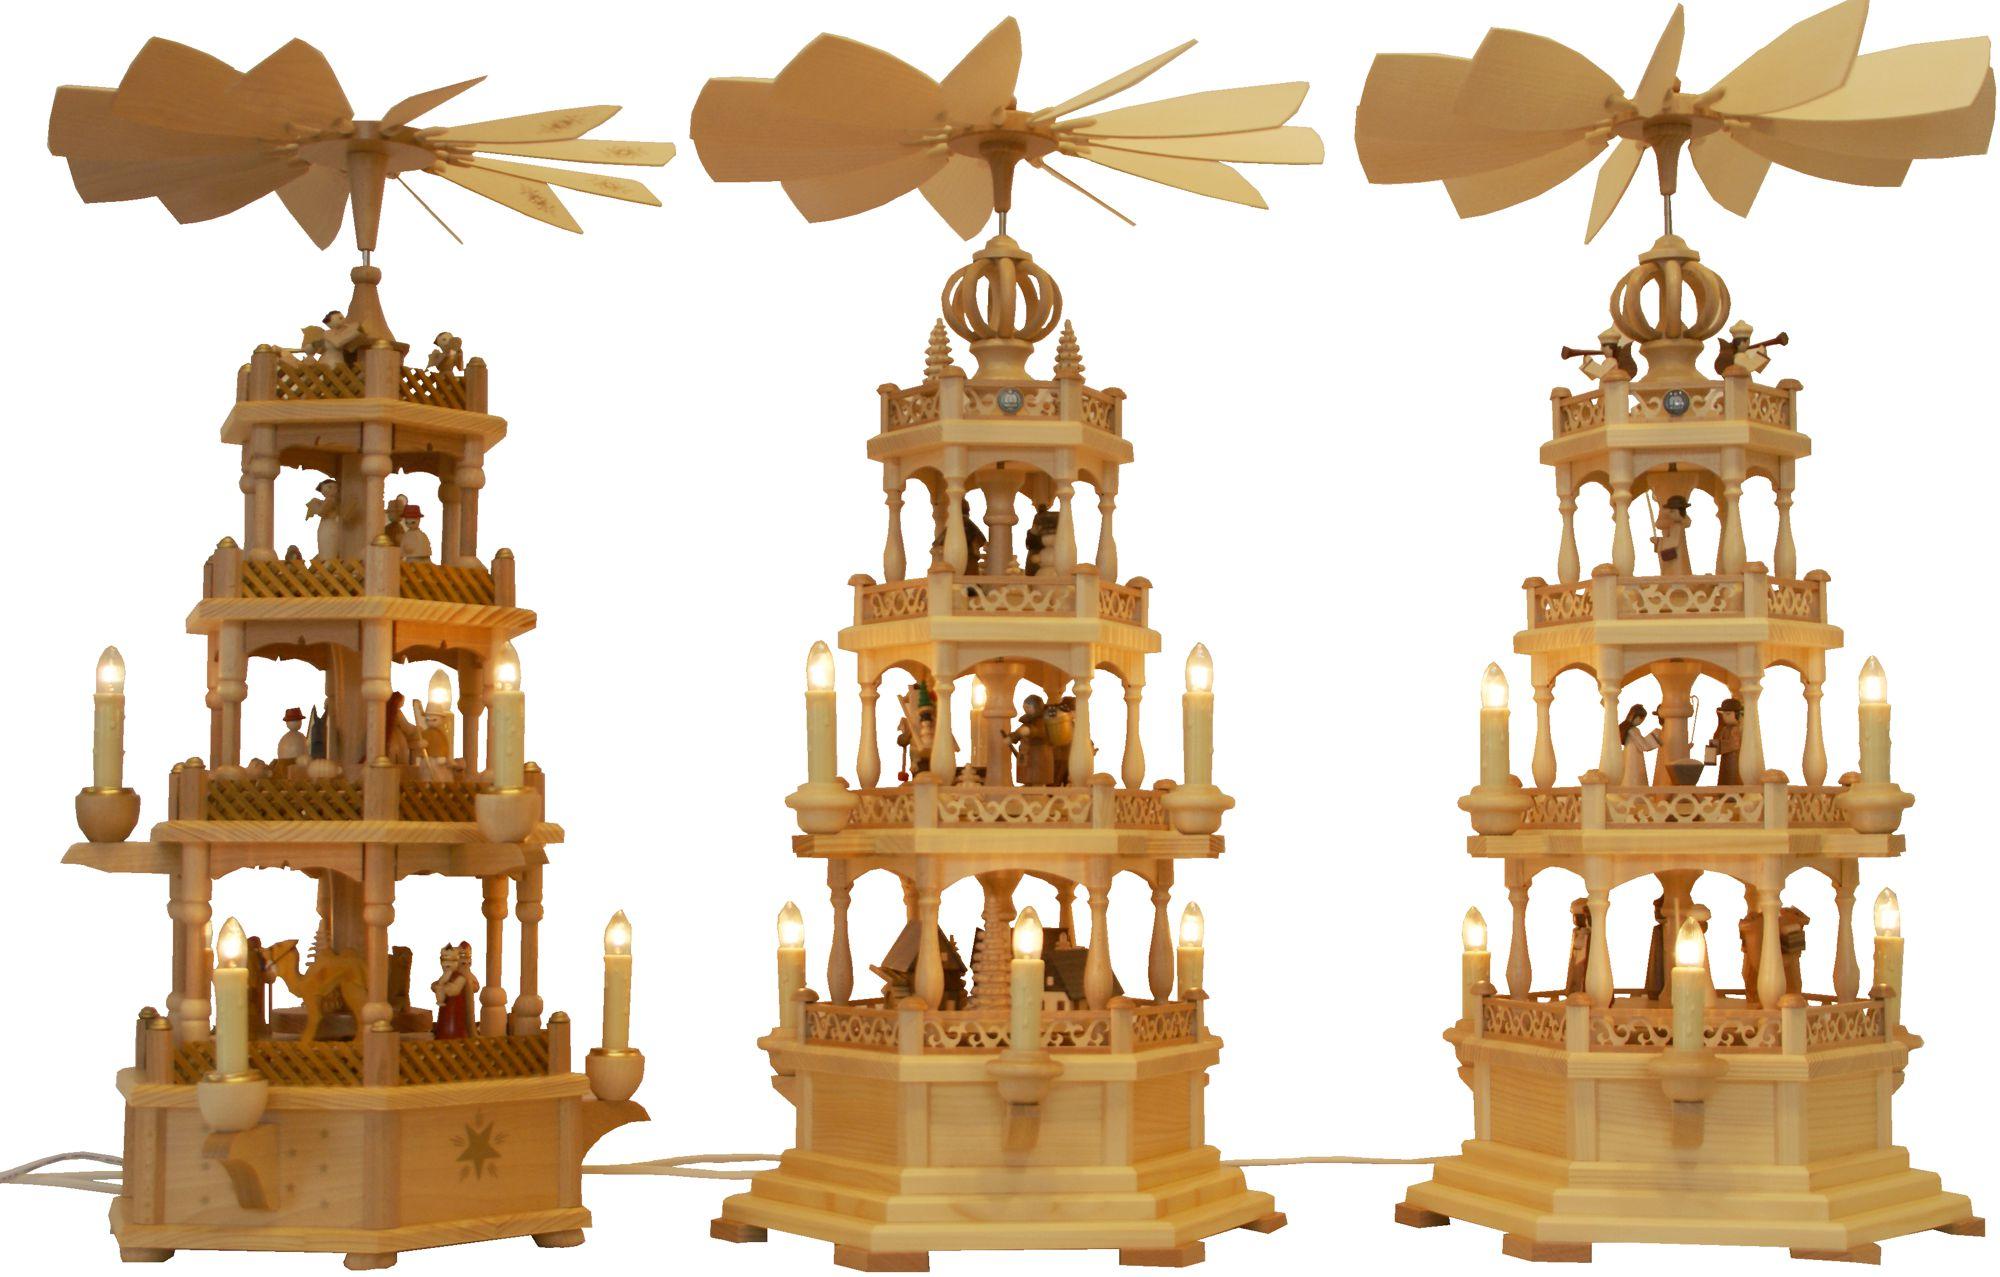 Weihnachtspyramiden aus Olbernhau und Seiffen im Erzgebirge